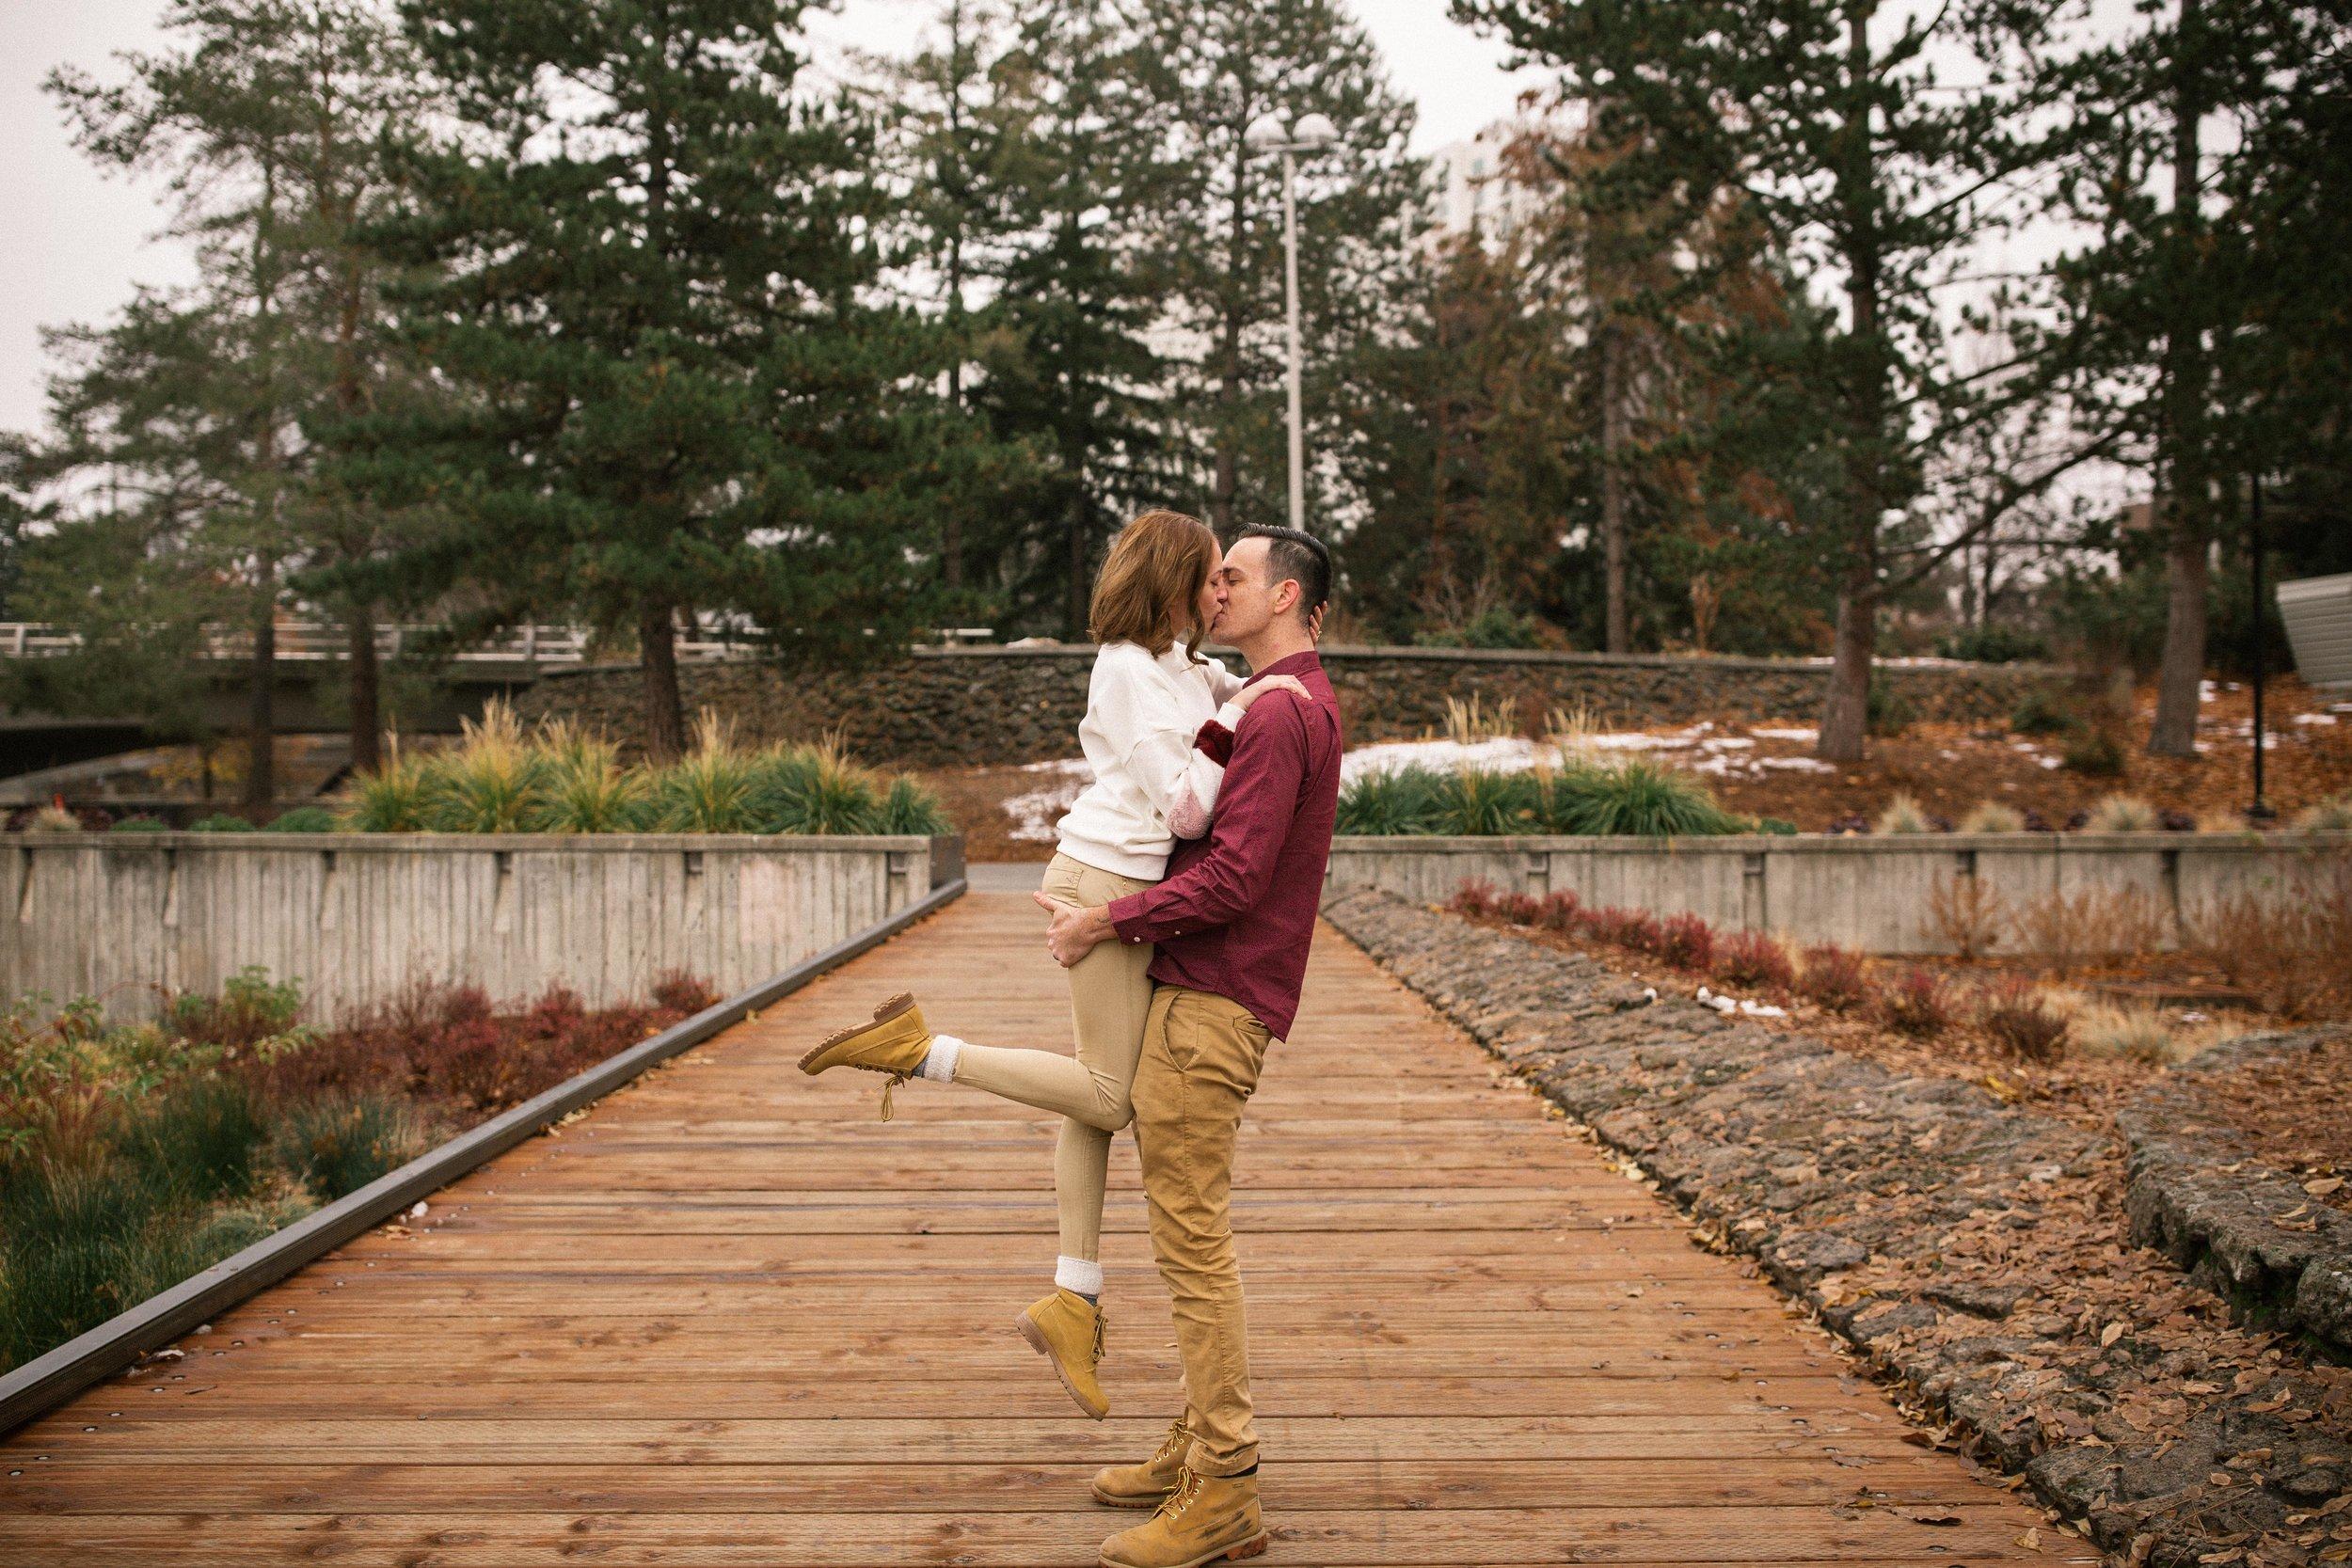 Izzy&Jacob-Engaged!BLOG-26.jpg